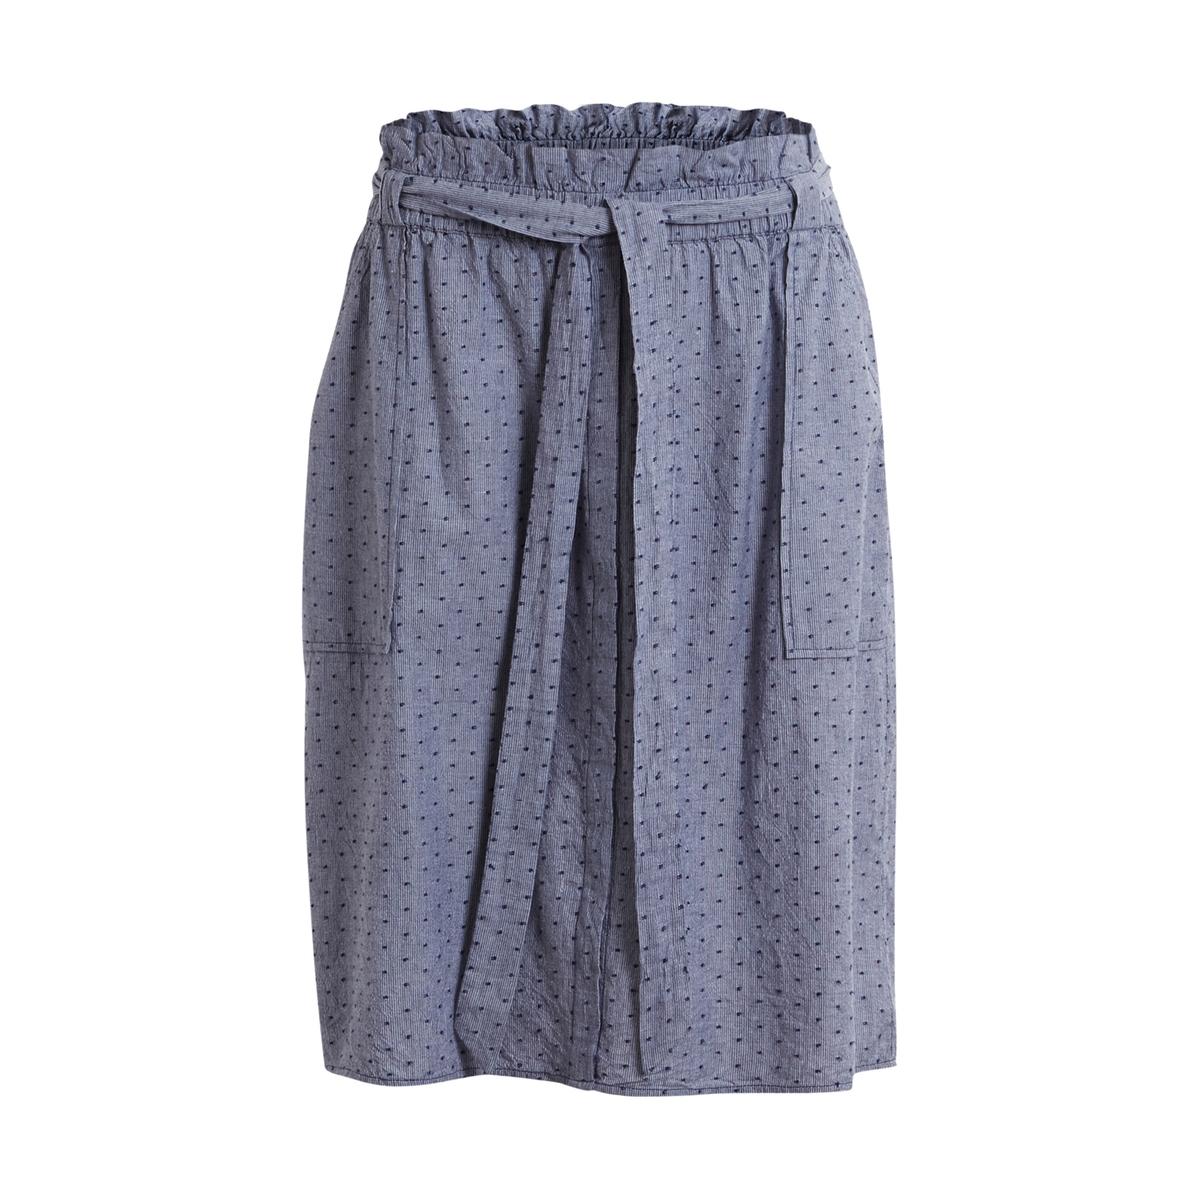 Юбка-миди с карманами VIDOTTA SKIRTЮбка длиной до колен VIDOTTA SKIRT от VILA. Прямой покрой. Эластичный пояс с воланами, пояс с завязками. Сплошной рисунок в горох. Два накладных кармана спереди.Состав и описаниеМарка : VILAМатериал : 100% хлопок<br><br>Цвет: темно-синий меланж<br>Размер: L